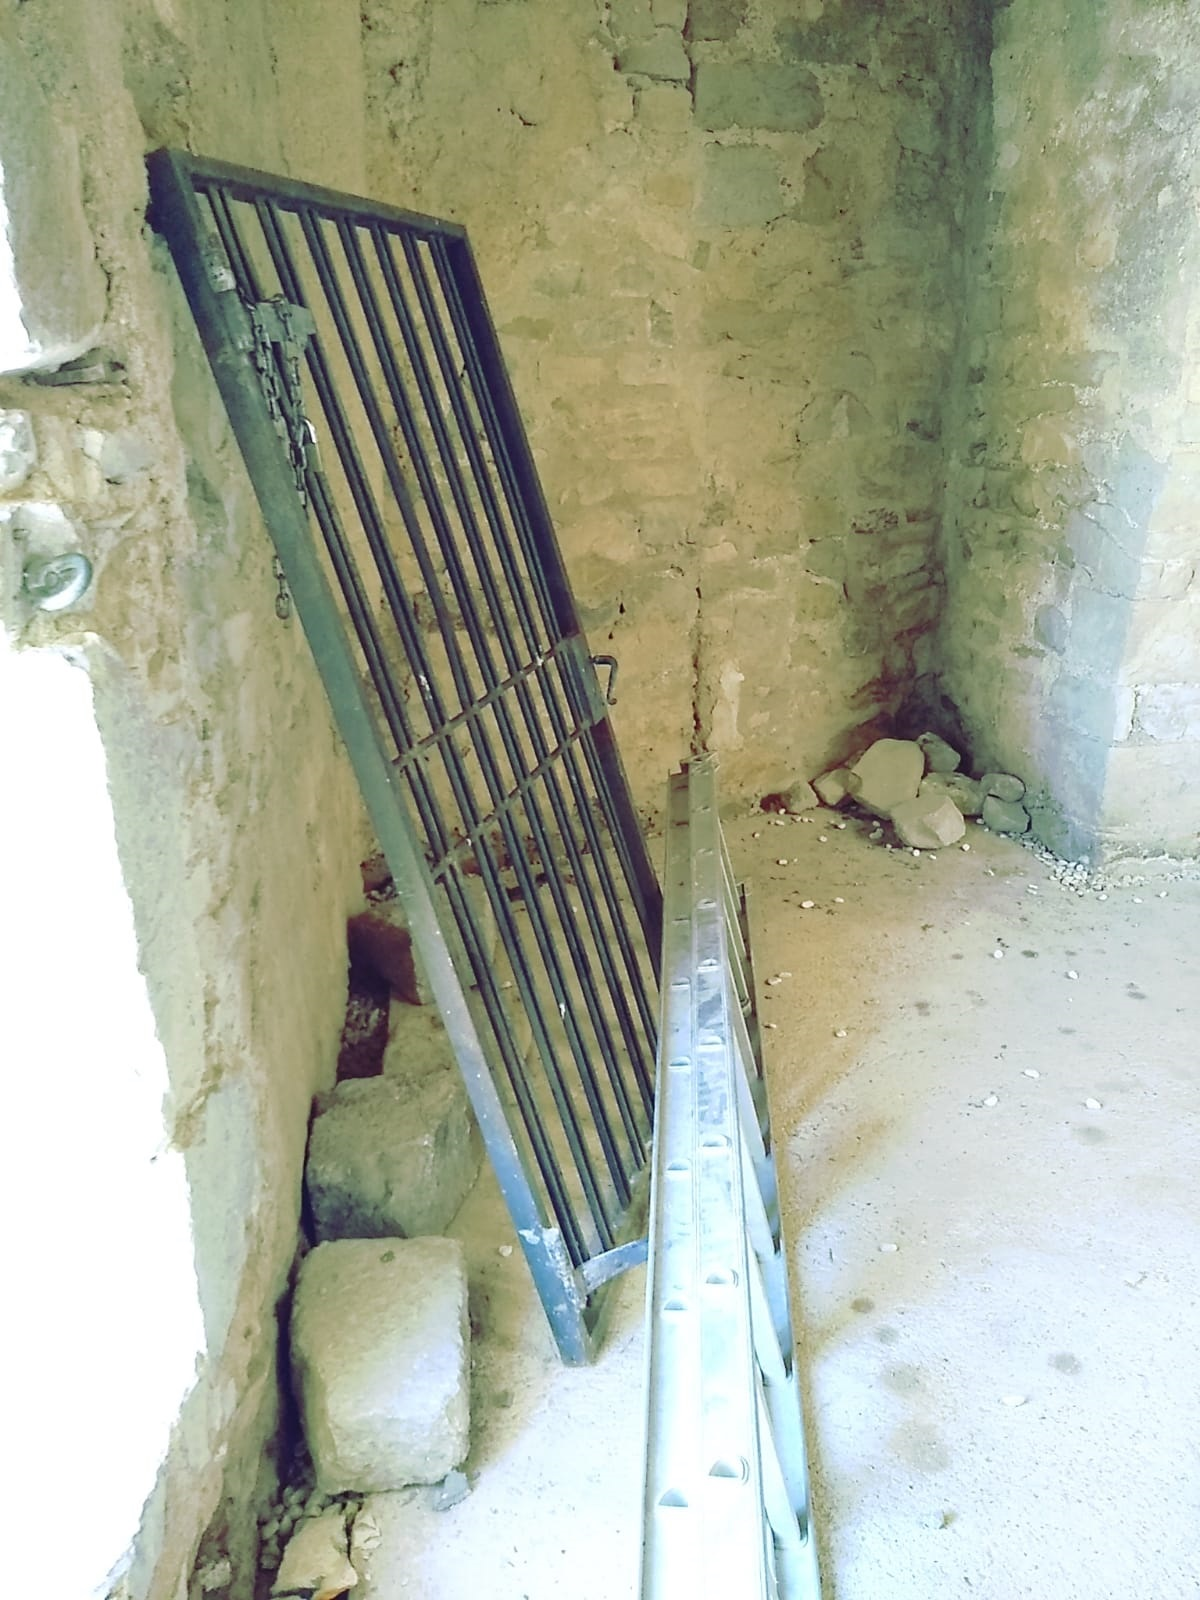 Alcalà, l'Ajuntament denuncia actes vandàlics al castell de Xivert